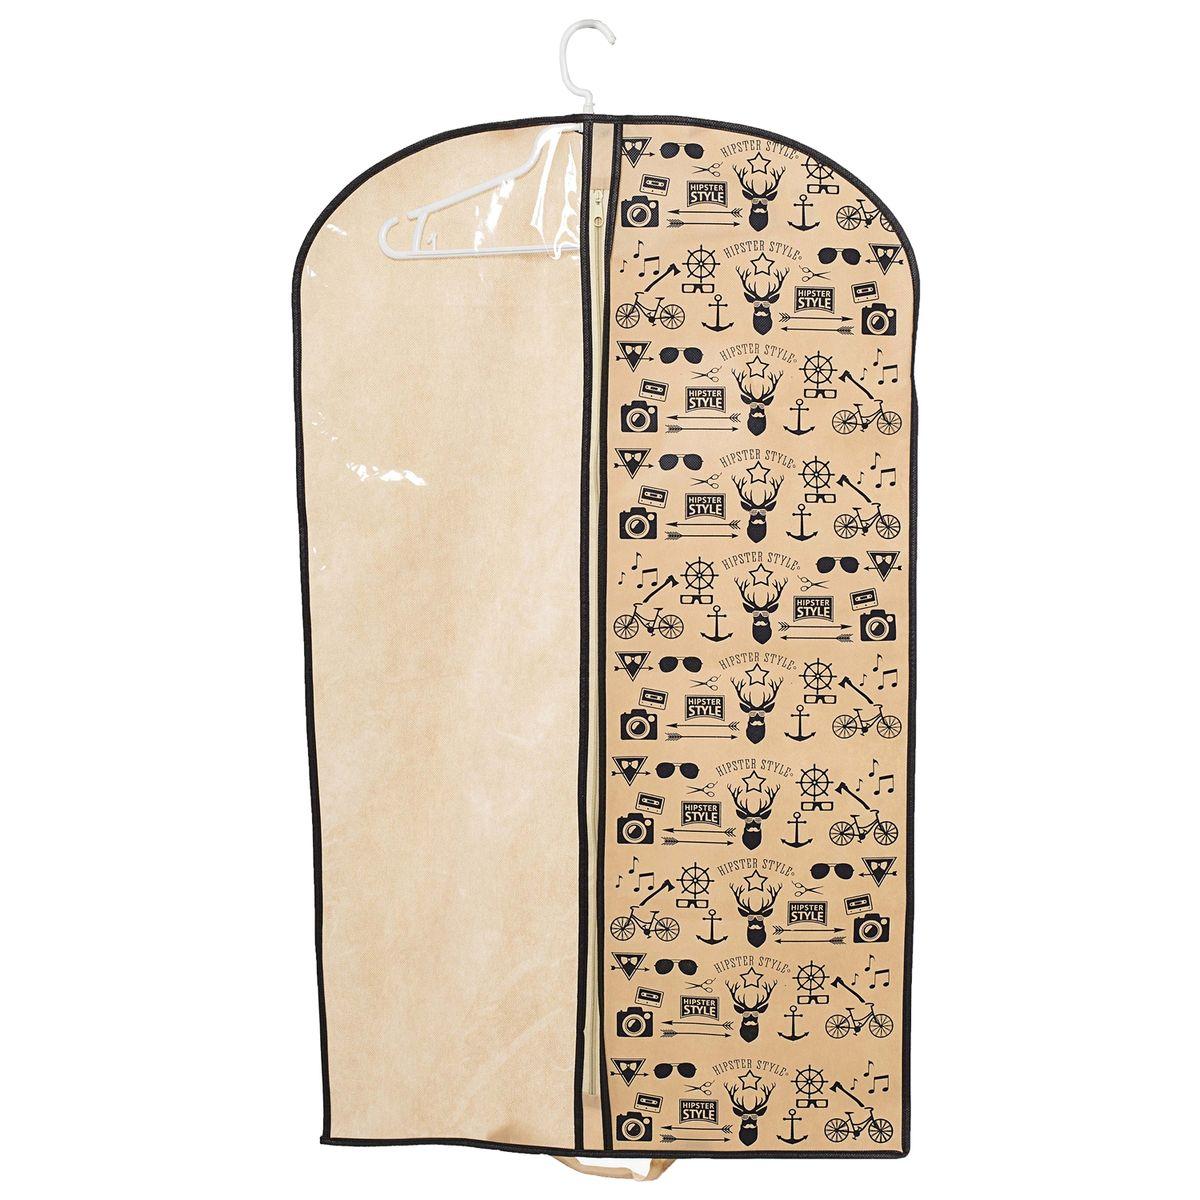 Чехол для одежды Homsu Hipster Style, подвесной, с прозрачной вставкой, 100 x 60 см чехол для одежды hausmann подвесной с прозрачной вставкой цвет серый 60 х 100 см